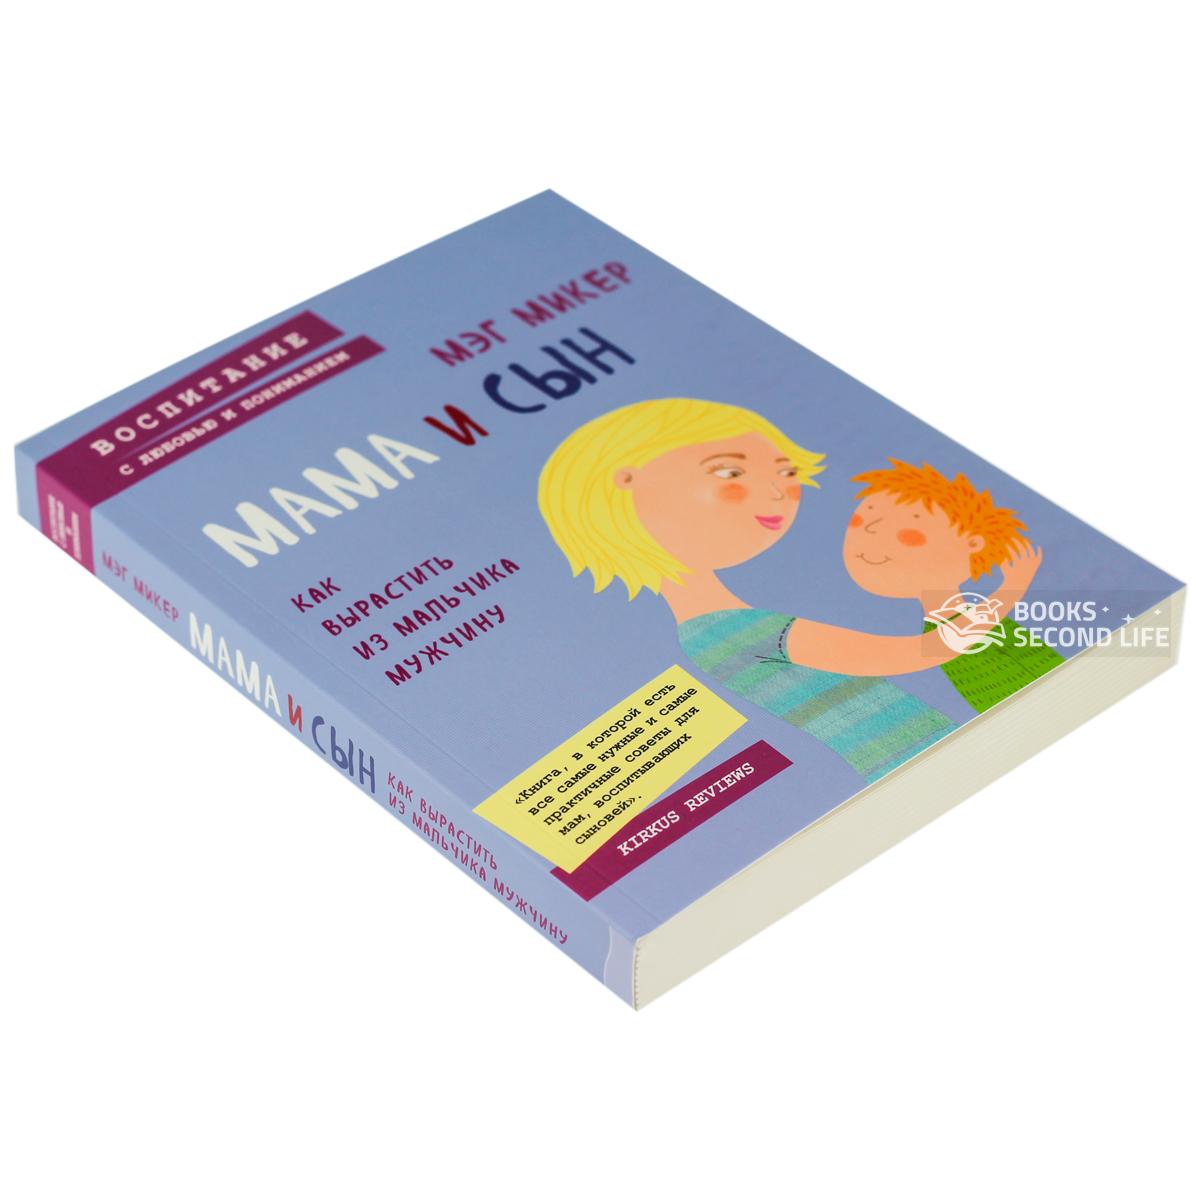 Мама и сын. Как вырастить из мальчика мужчину. Автор — Мэг Микер.